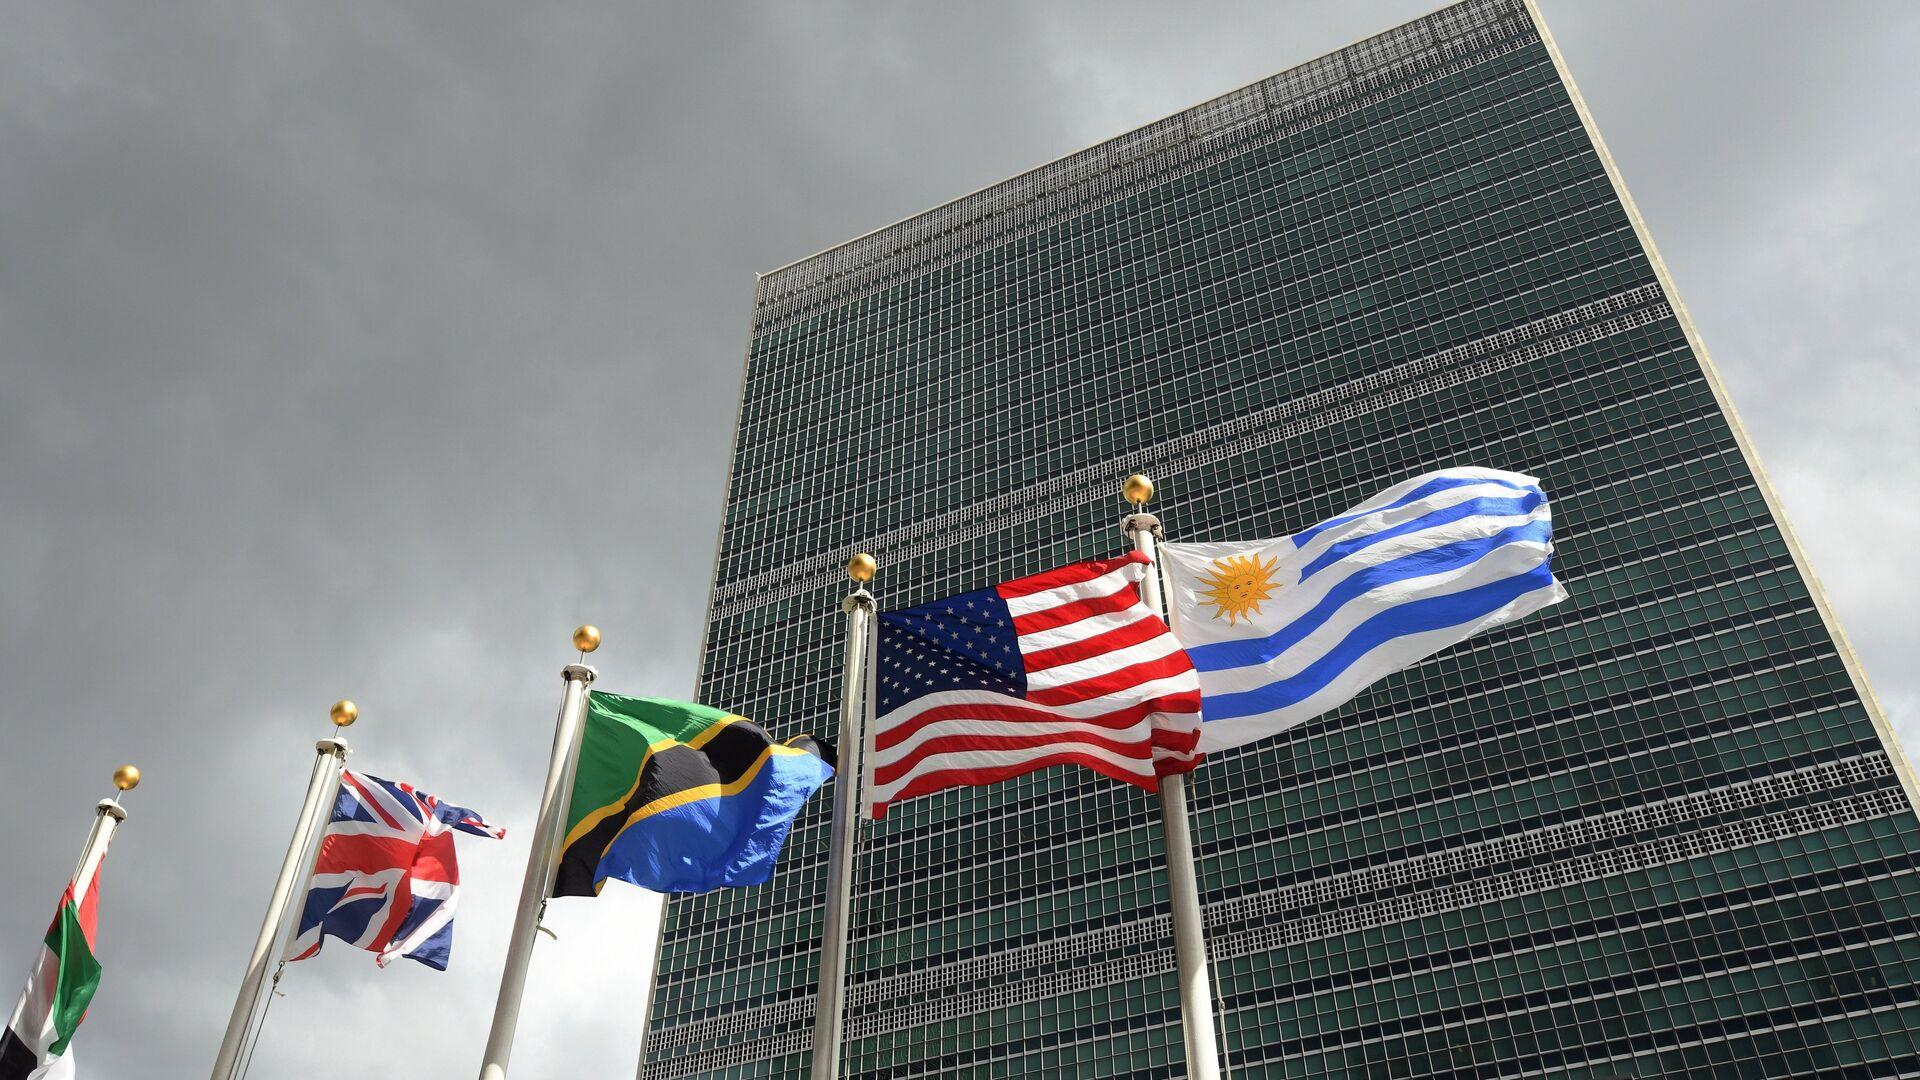 Попытки подорвать роль ООН настораживают, заявил Медведев